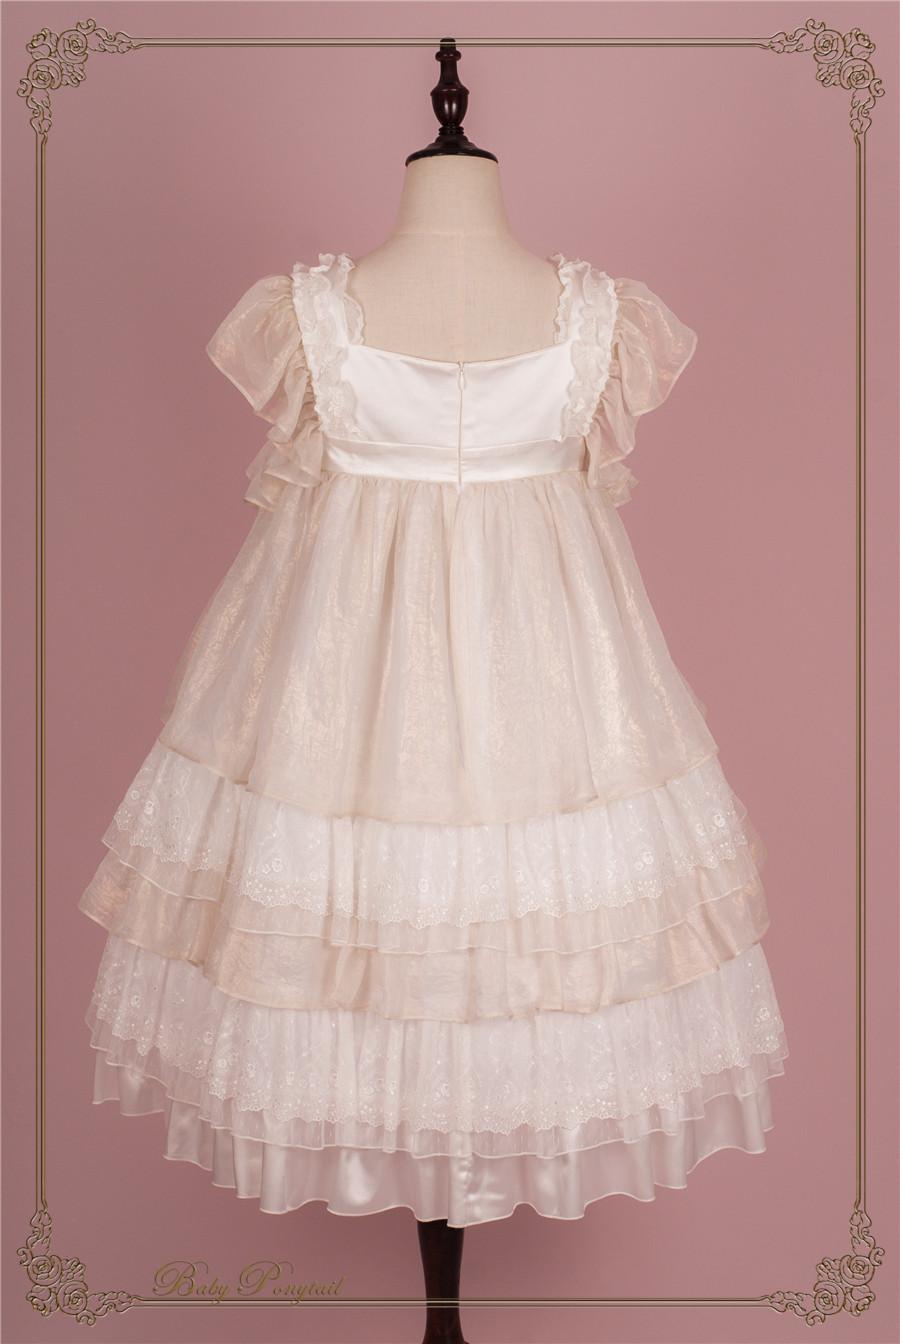 Babyponytail_Stock Photo_Present Angel_JSK White_4.jpg